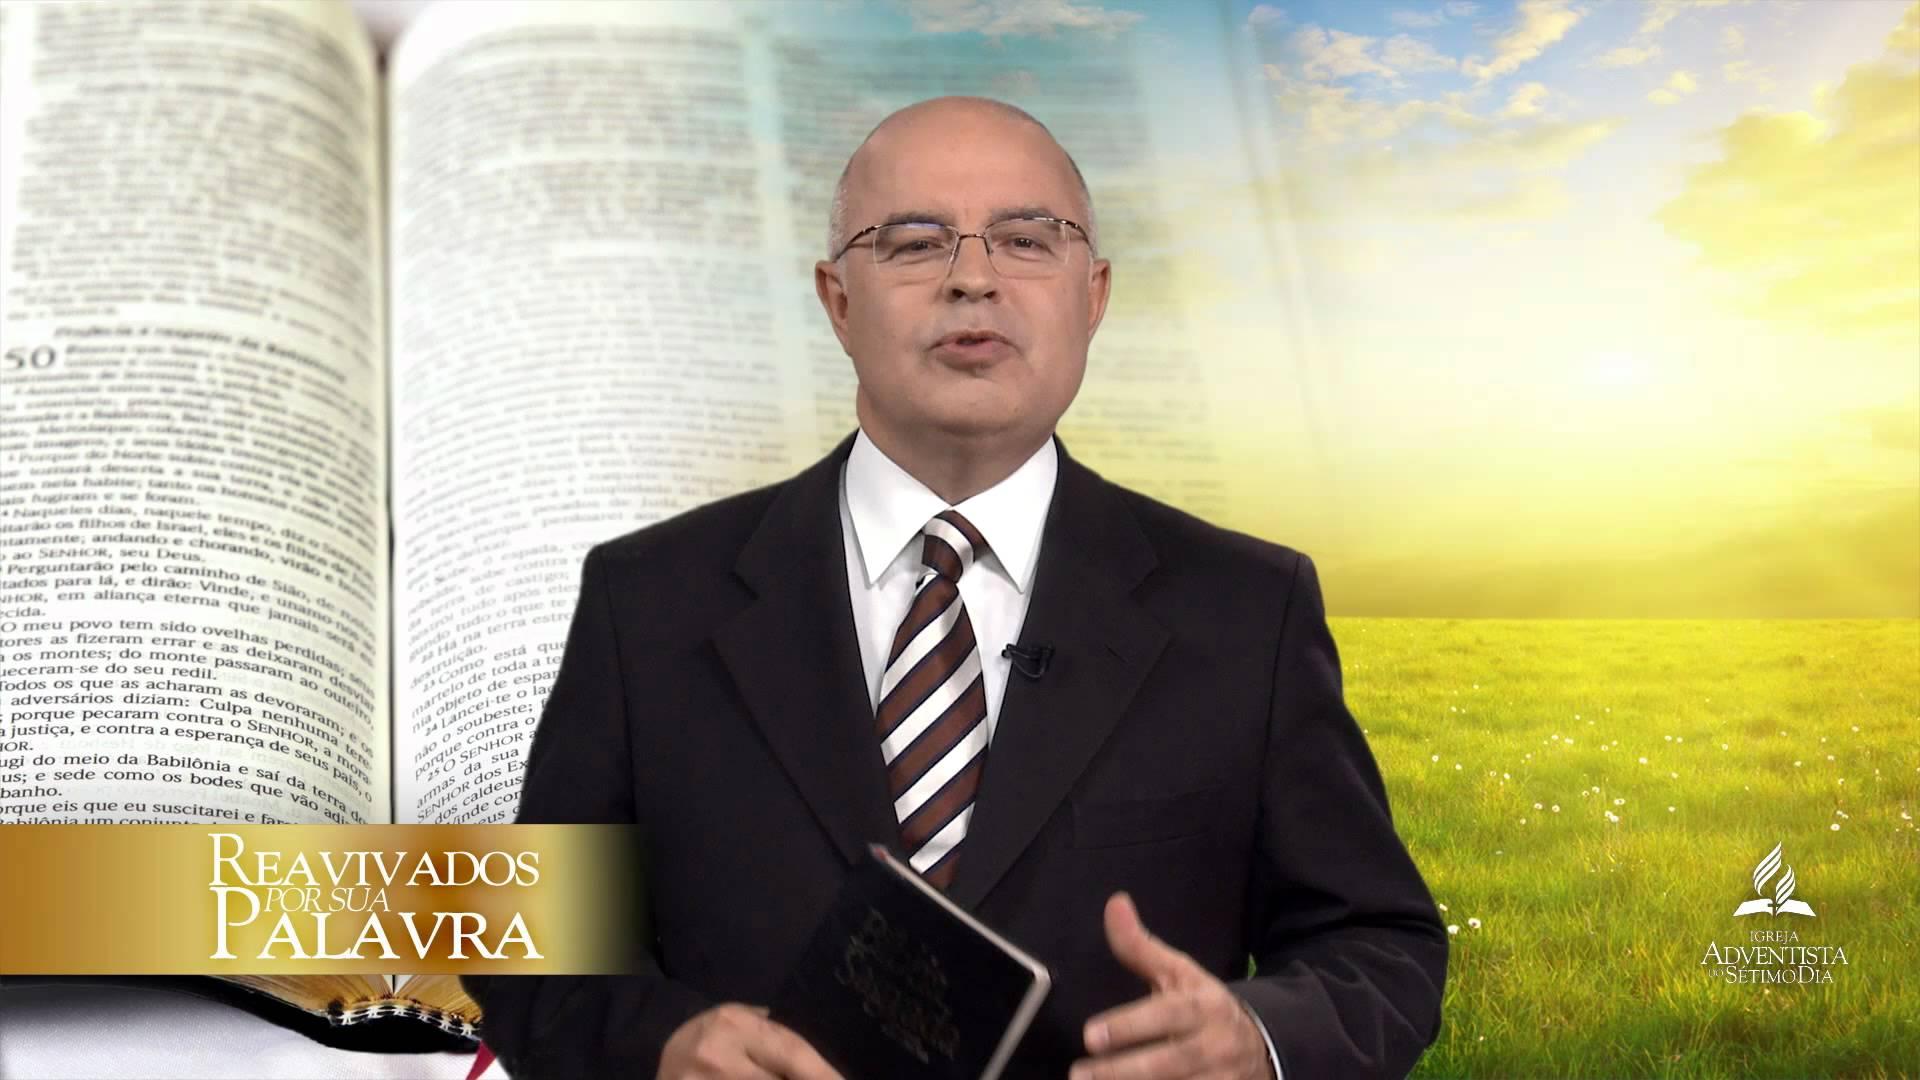 Números – RPSP – Plano de Leitura da Bíblia da Igreja Adventista